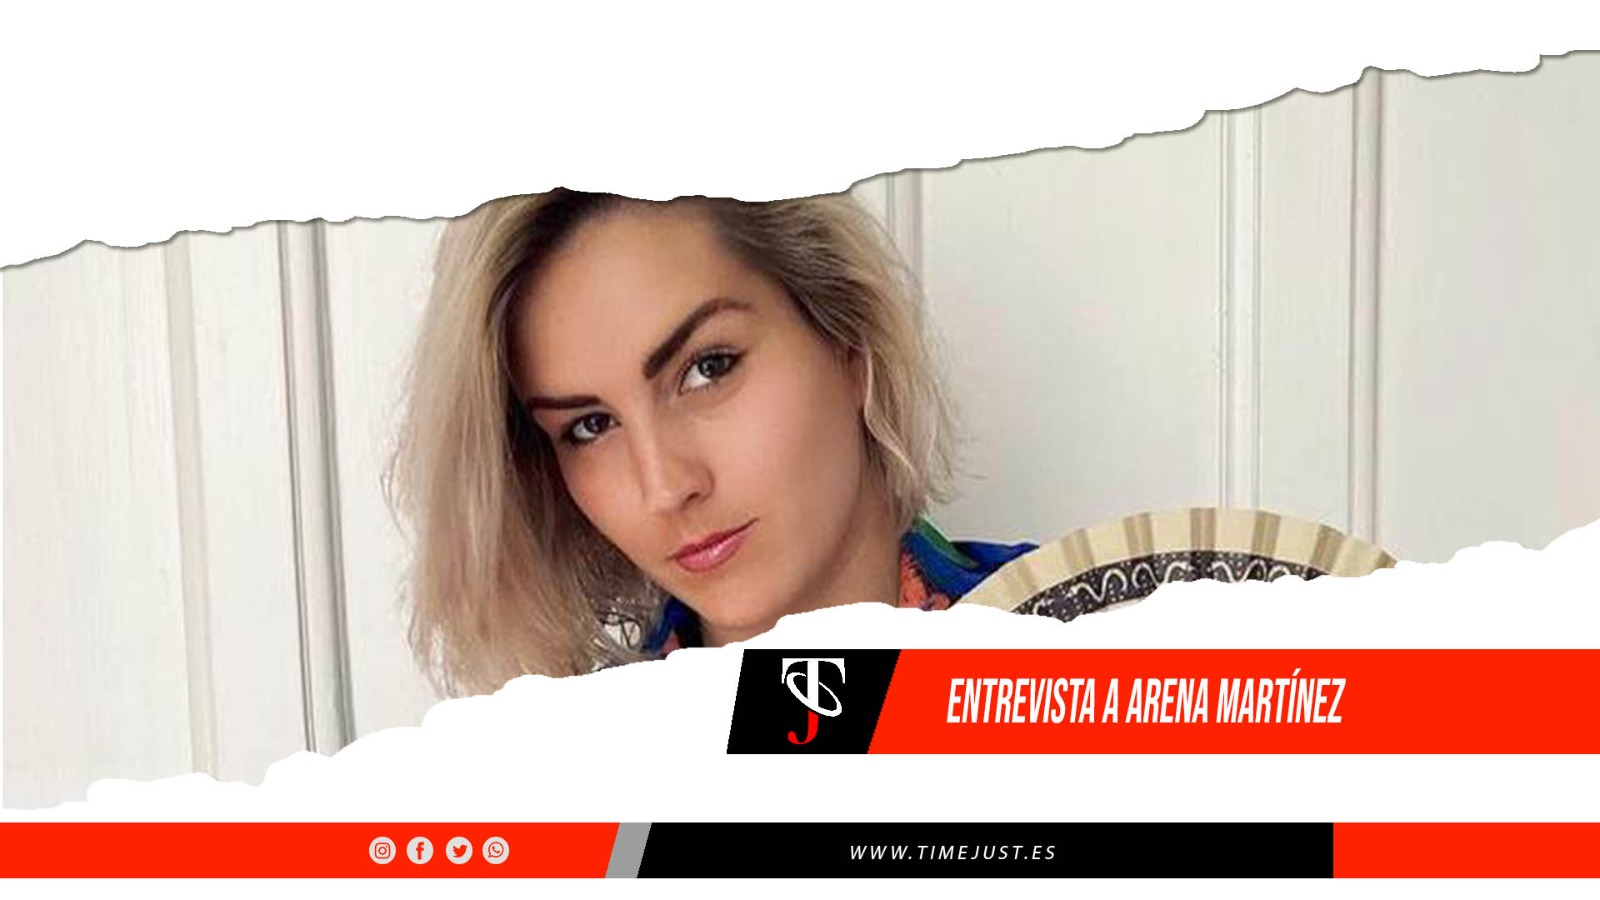 Arena Martínez